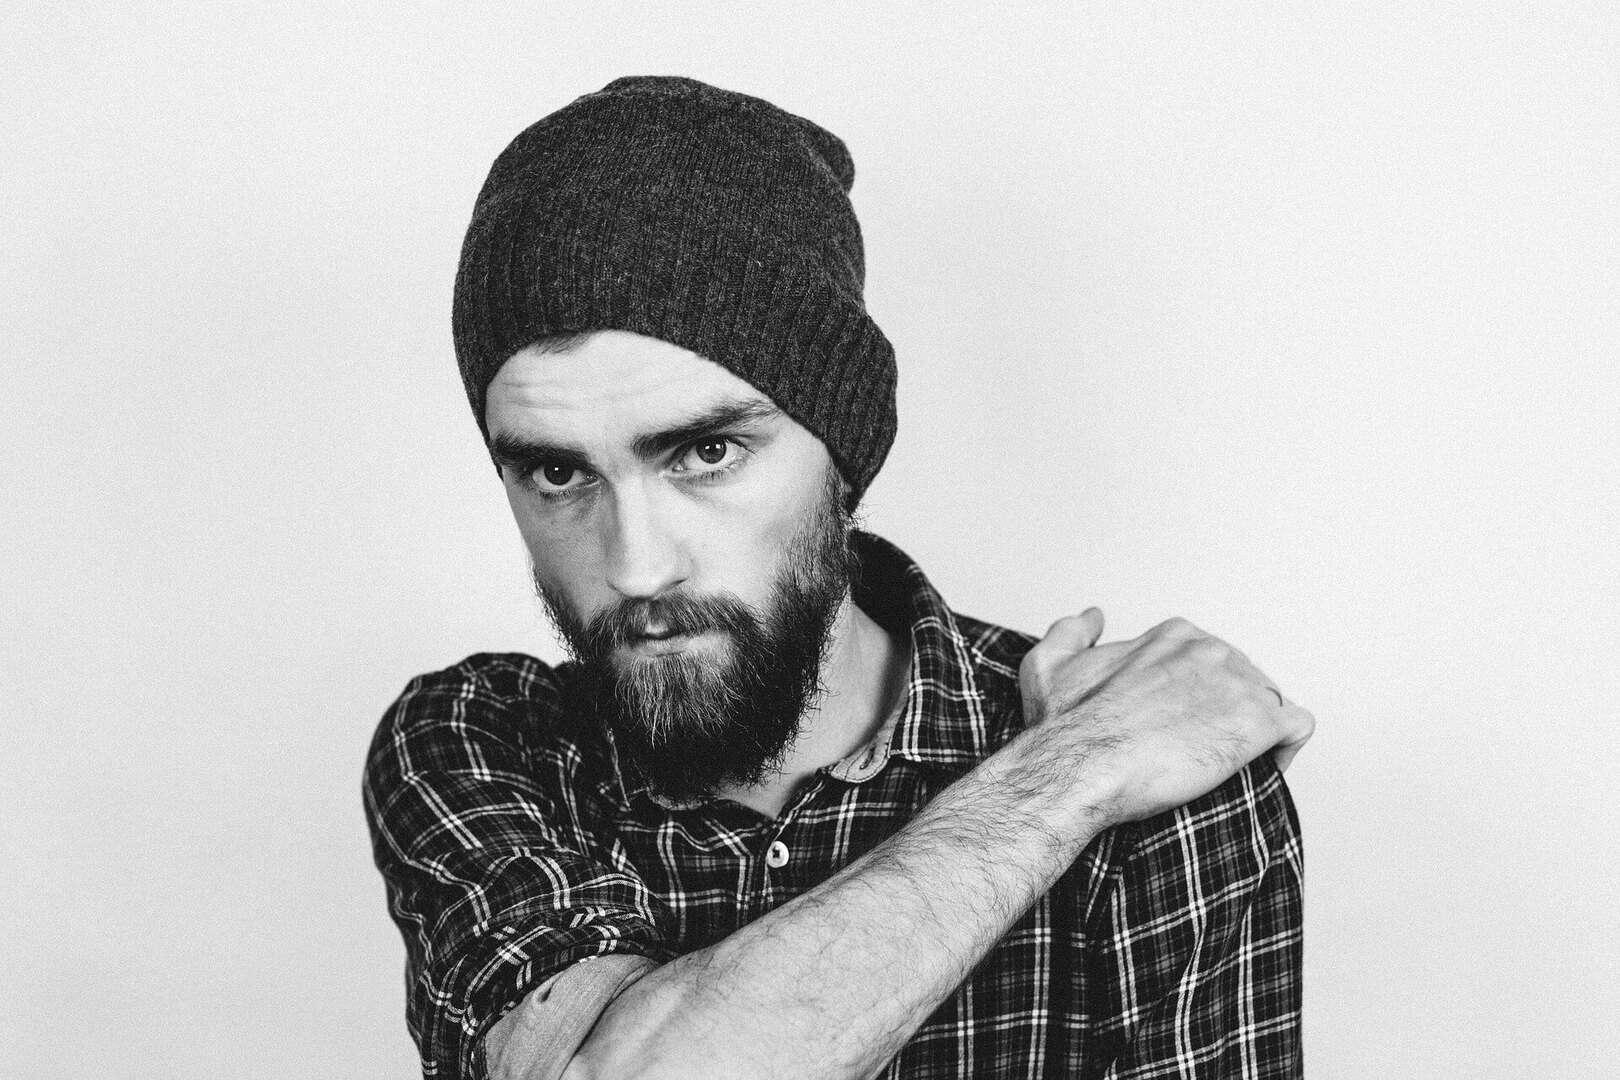 Trauriger Mann mit Bart